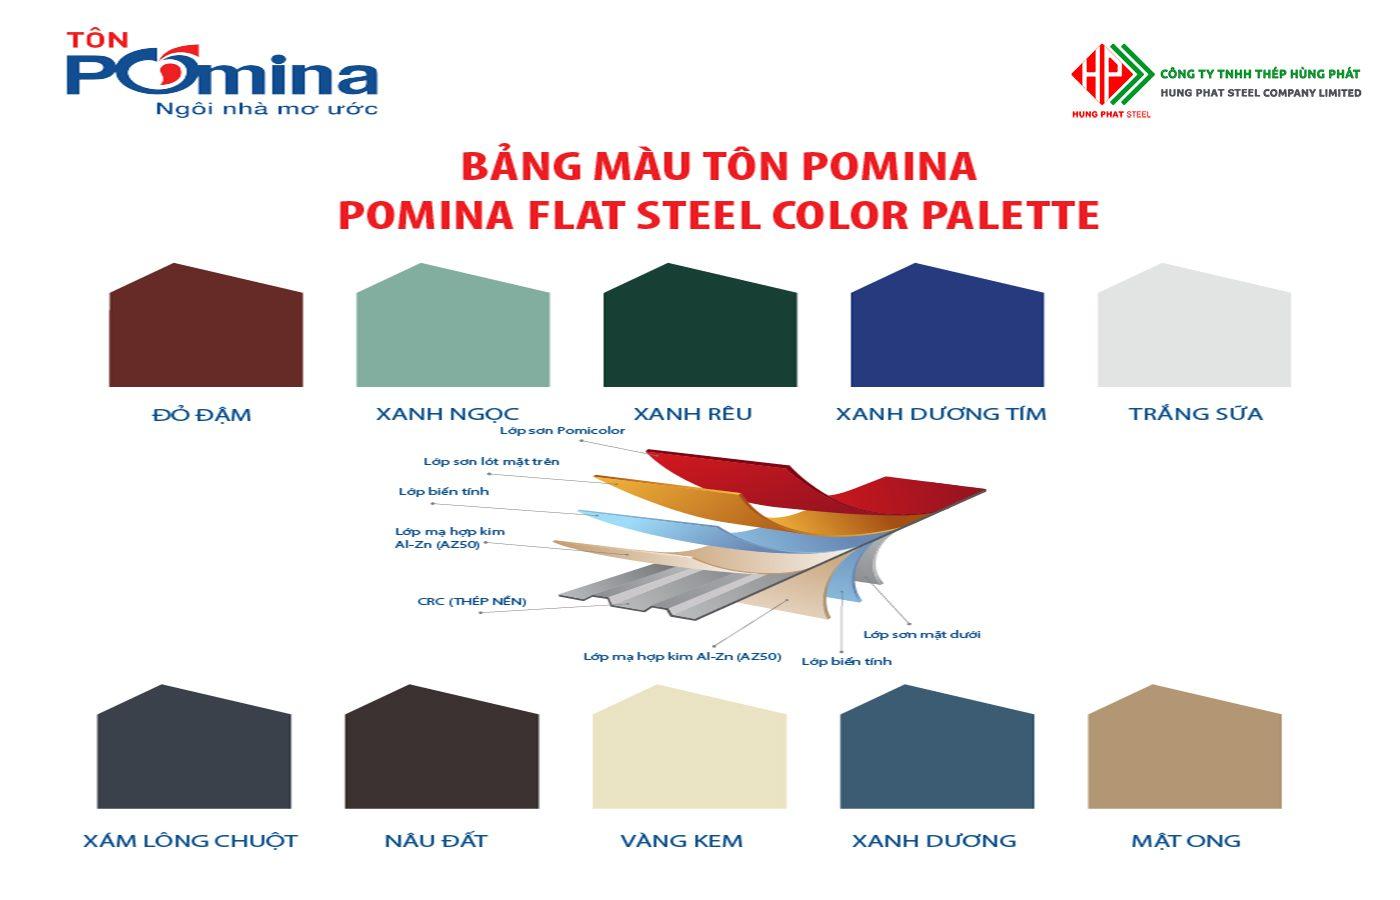 Các loại tôn Pomina trên thị trường